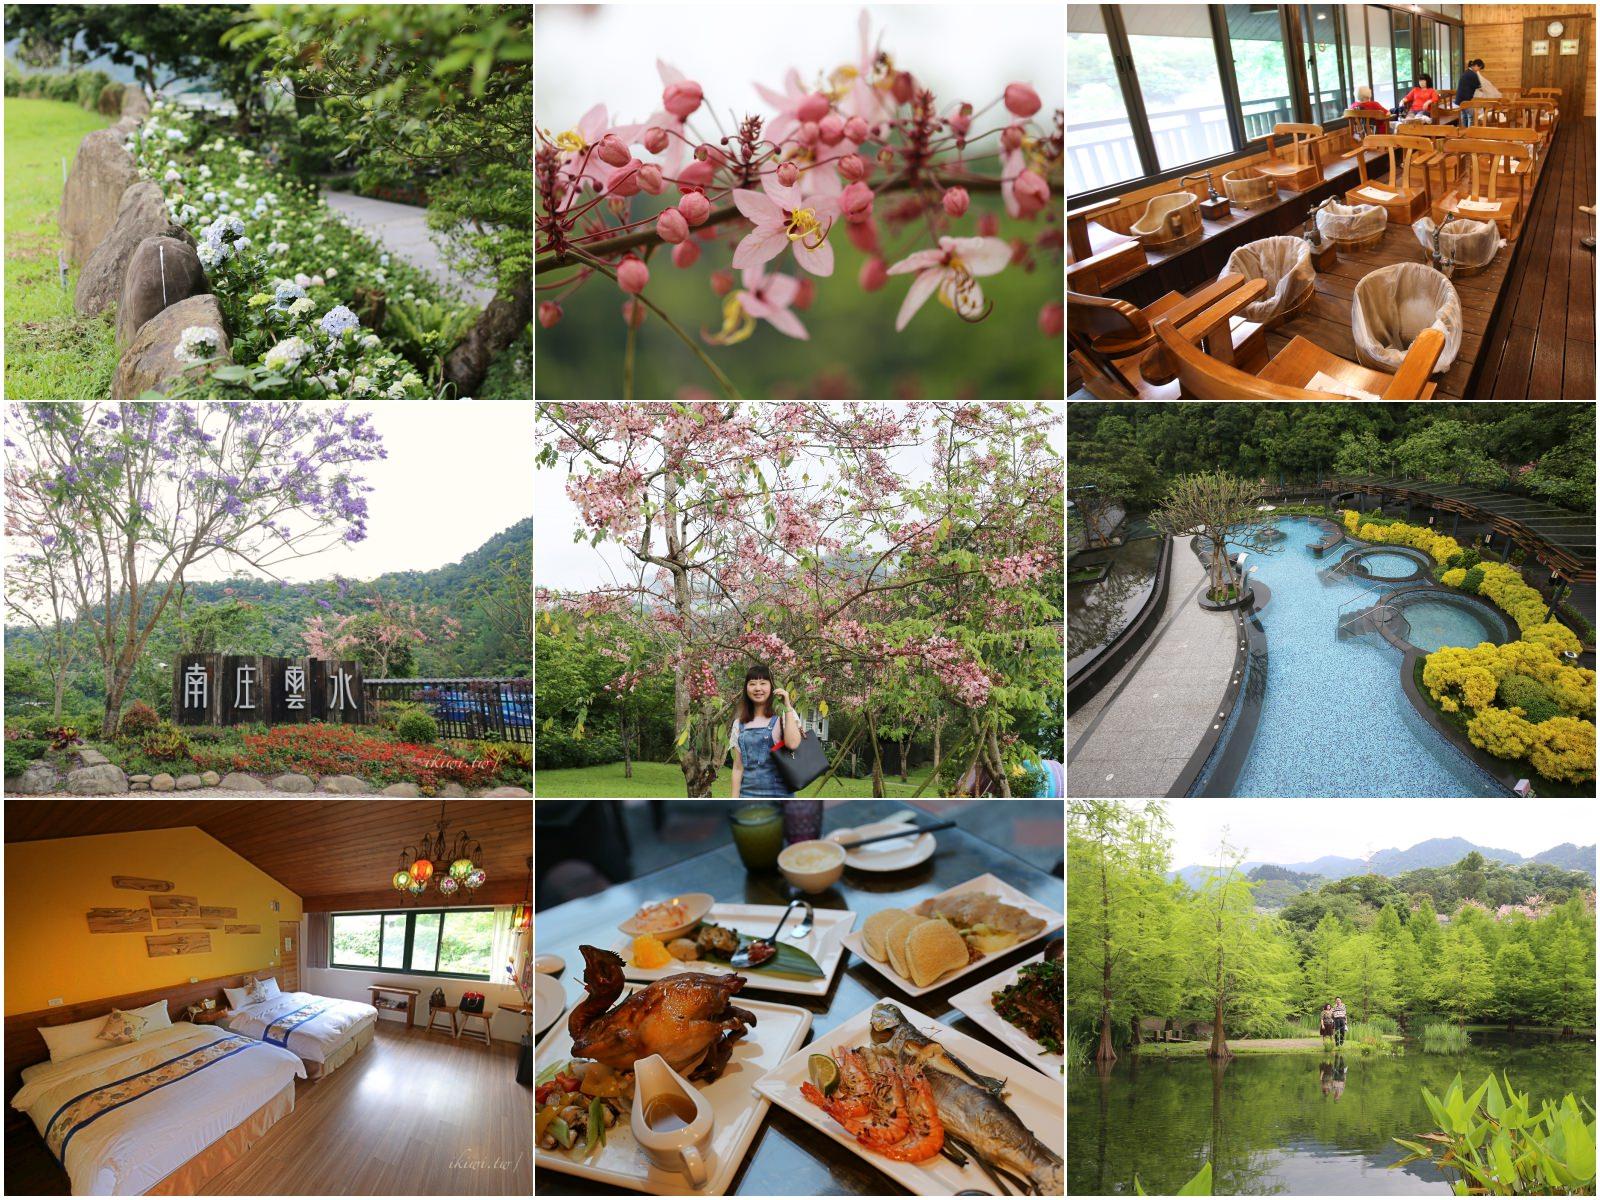 南庄雲水度假森林|花旗木步道繽紛絢麗登場,複合式度假莊園,一泊二食泡溫泉渡假去